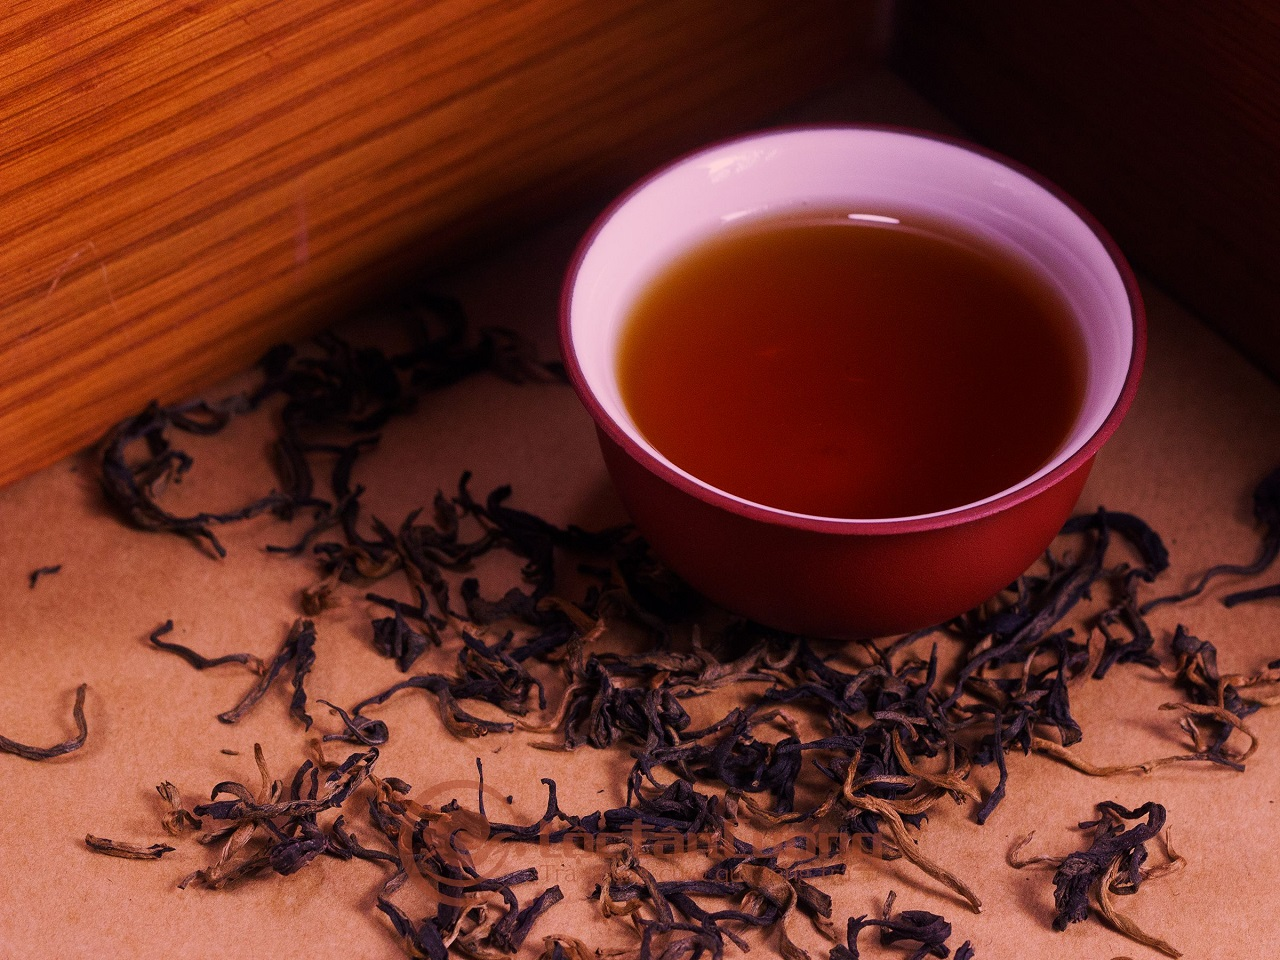 Hồng Trà Hà Giang là thức uống không chỉ thơm ngon mà còn rất tốt cho những người có vấn đề về tiêu hóa, táo bón mà vẫn không lo bị mất ngủ.